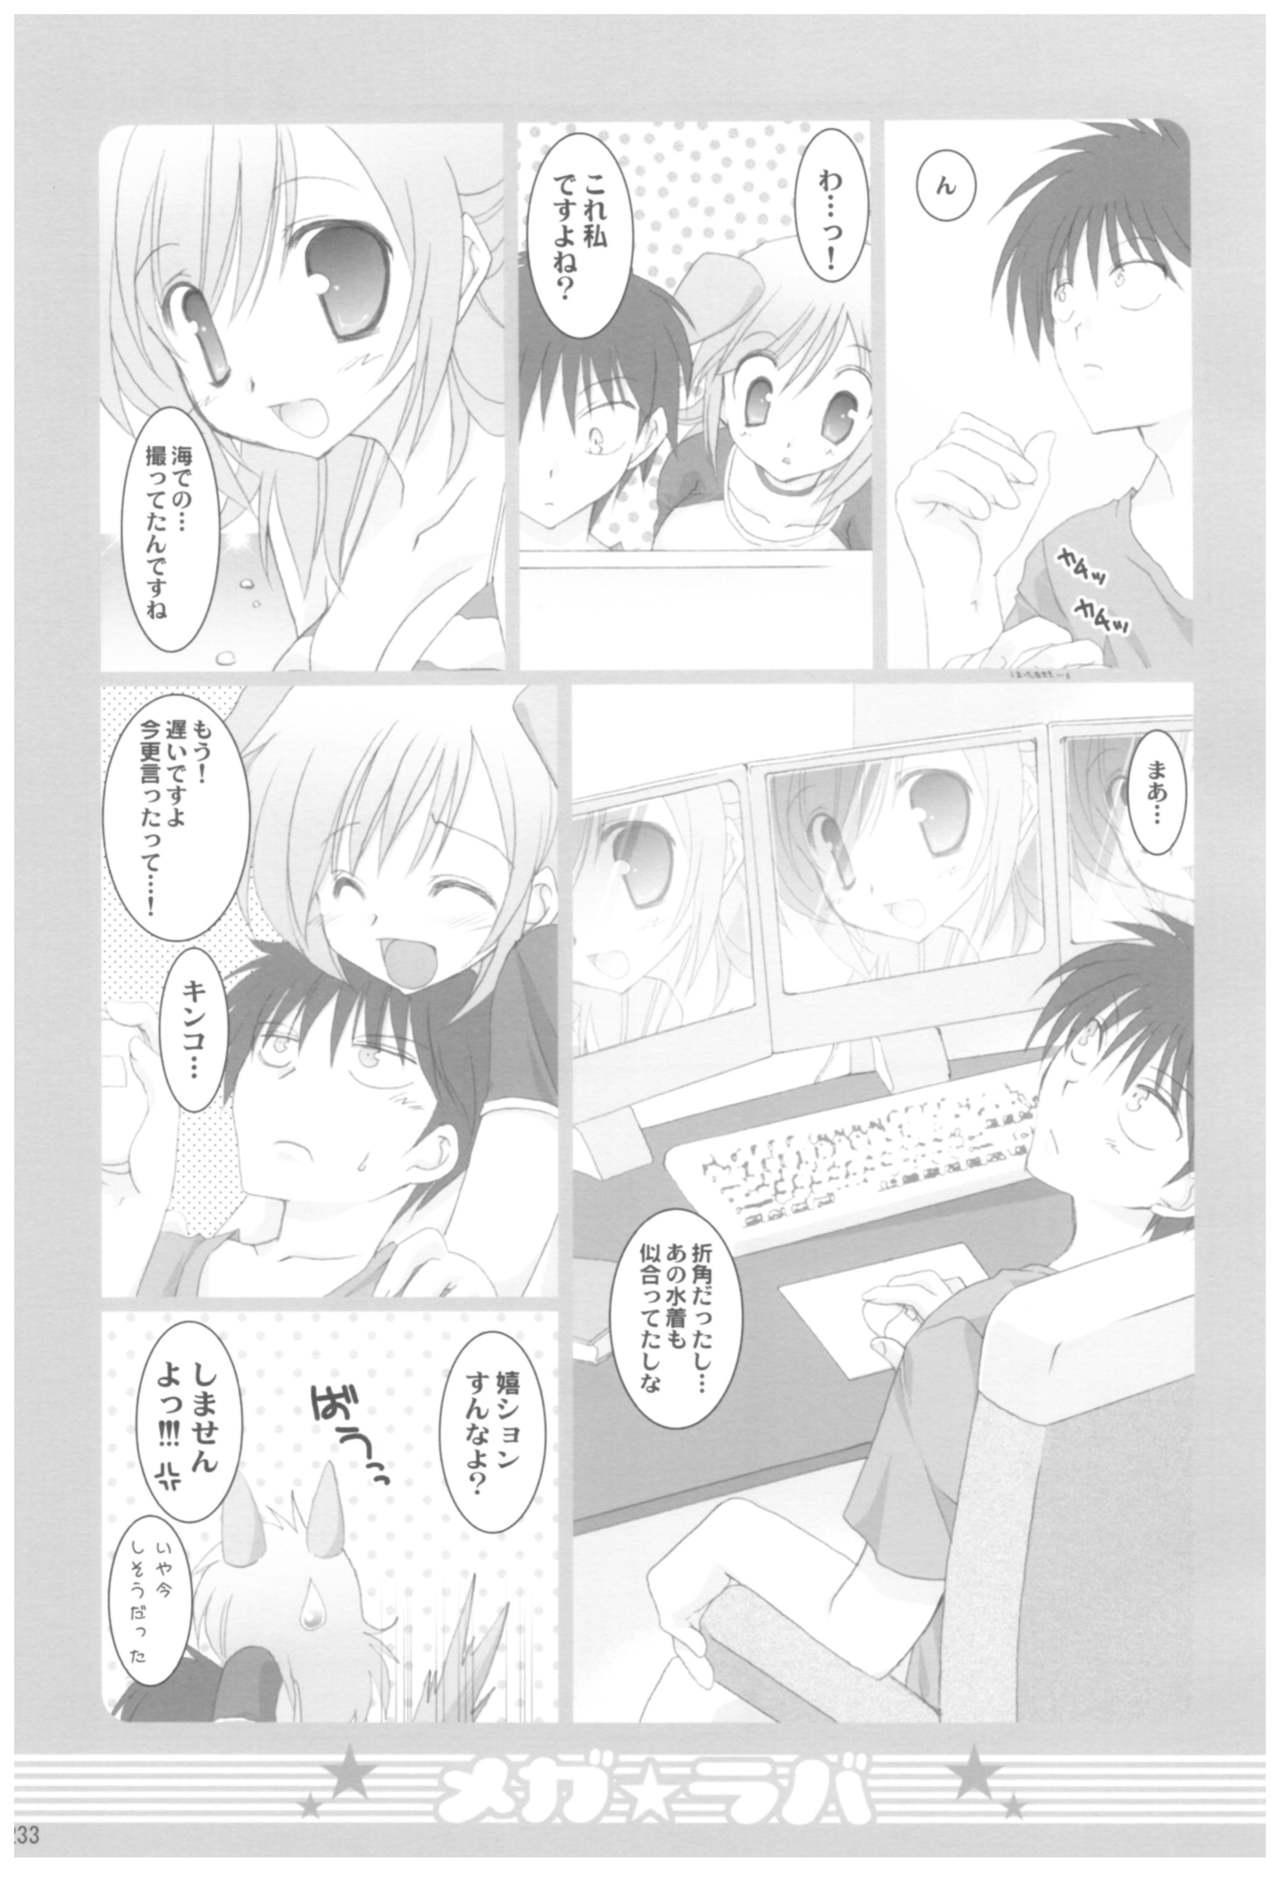 Naedoko Ikusei Kansatsu Kiroku 232